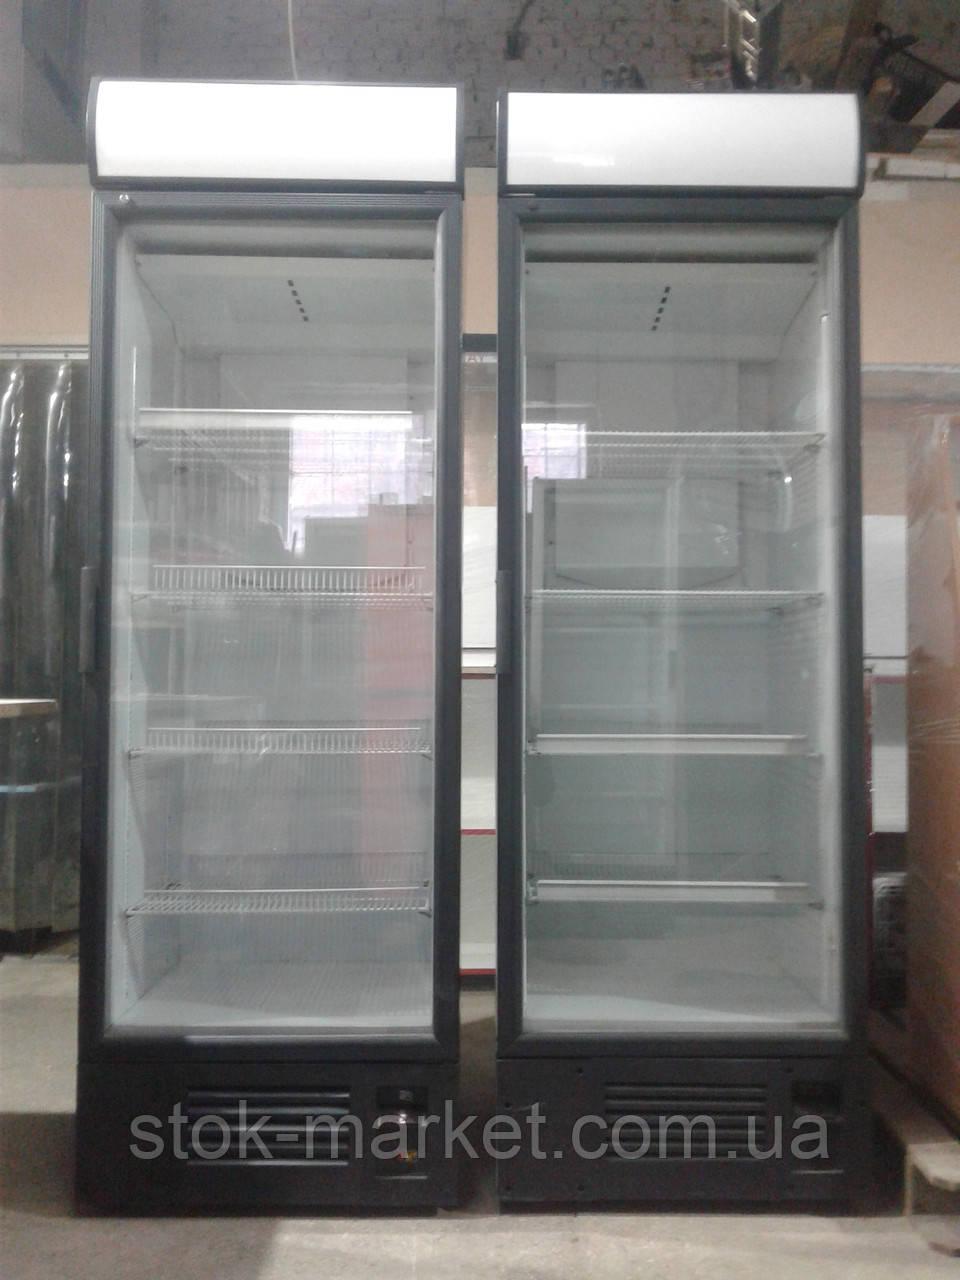 Холодильный шкаф Интер 390 л.б у.  холодильник б/у., фото 1